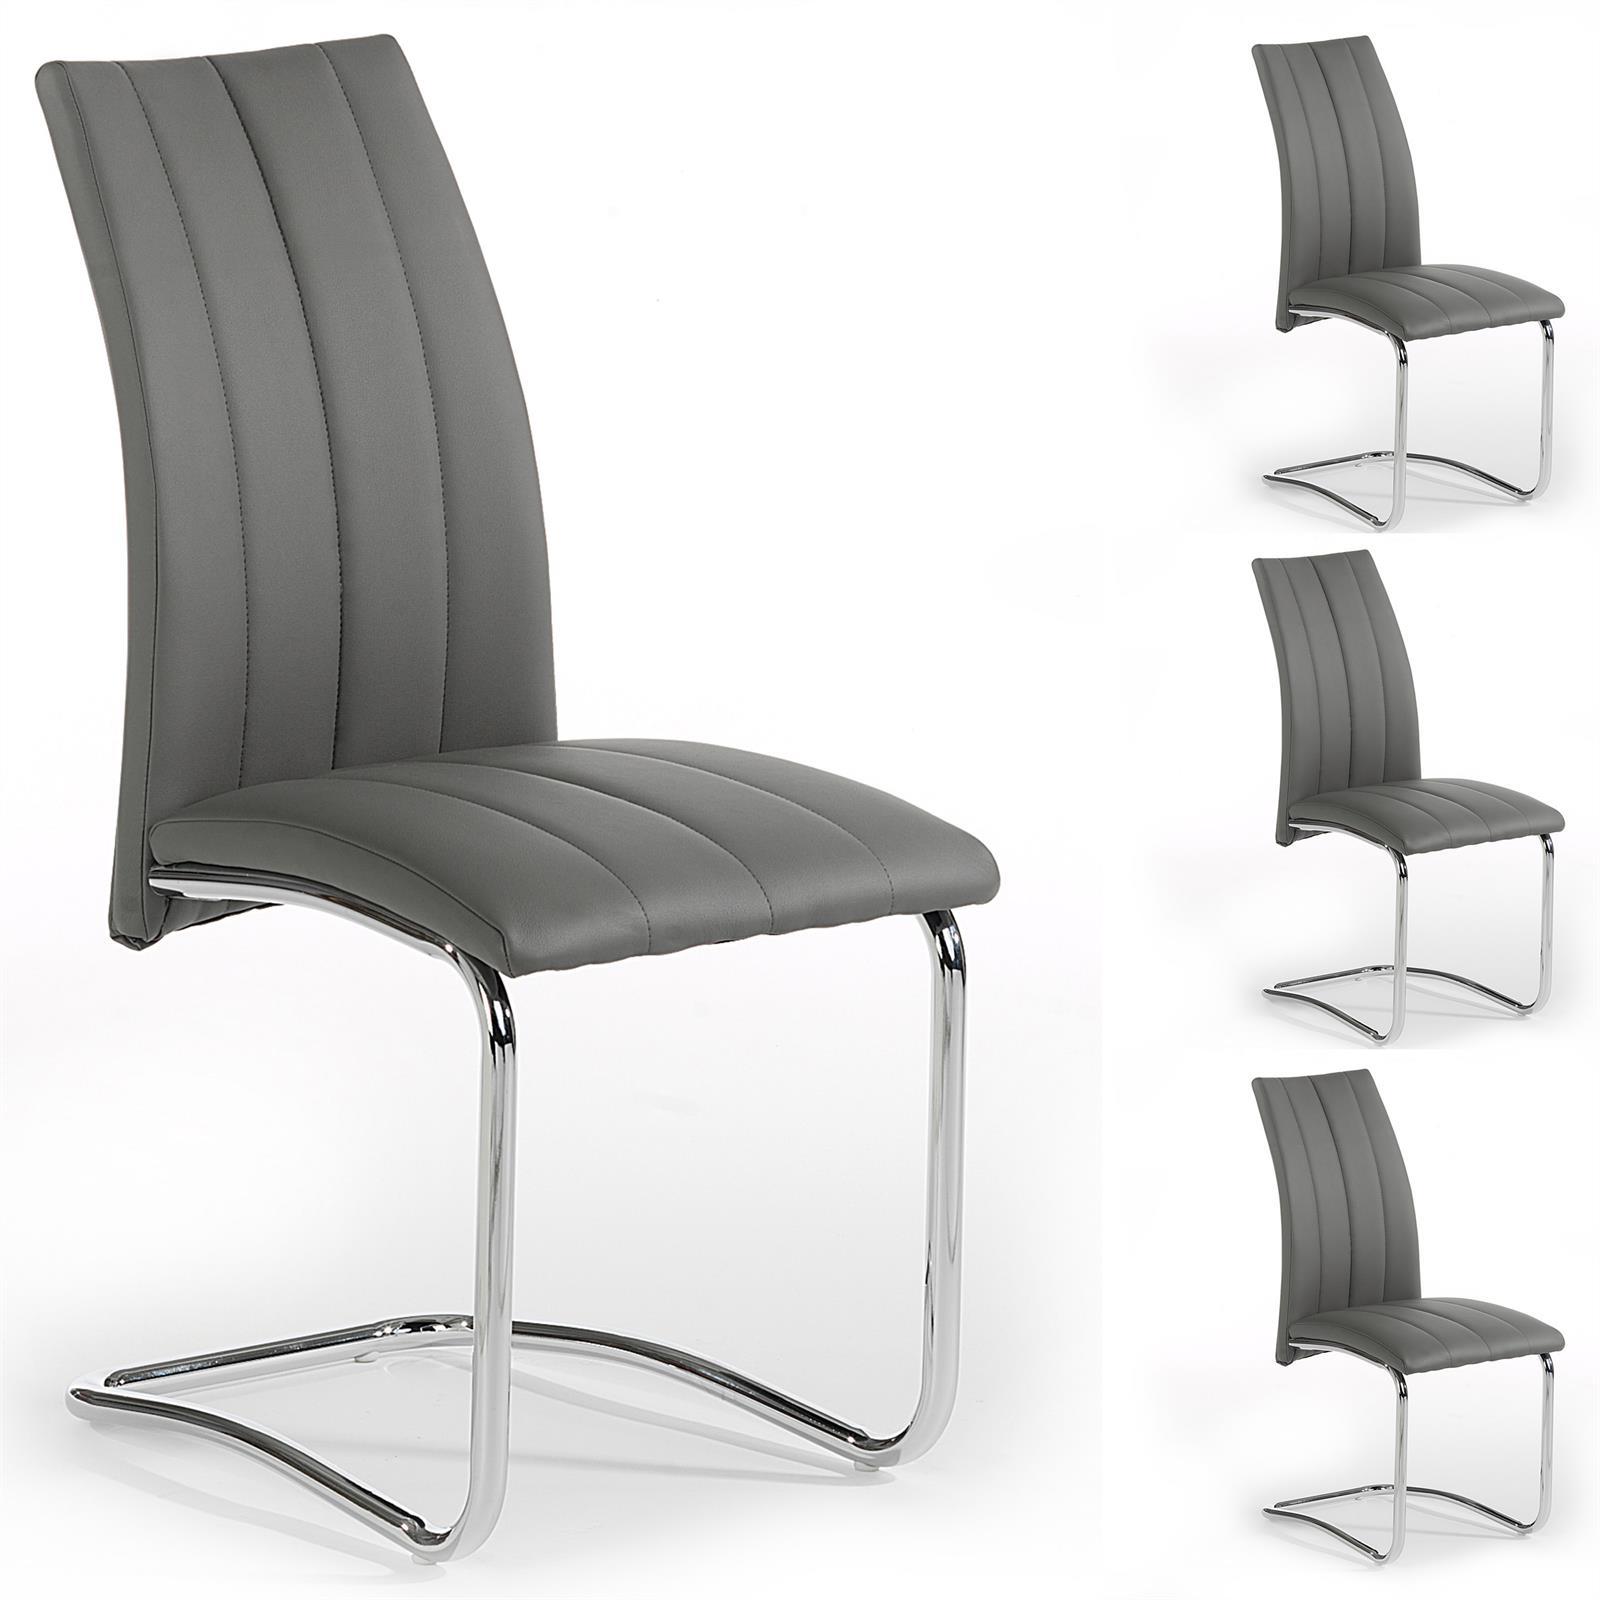 4er set esszimmerstuhl essgruppe schwingstuhl kunstleder. Black Bedroom Furniture Sets. Home Design Ideas